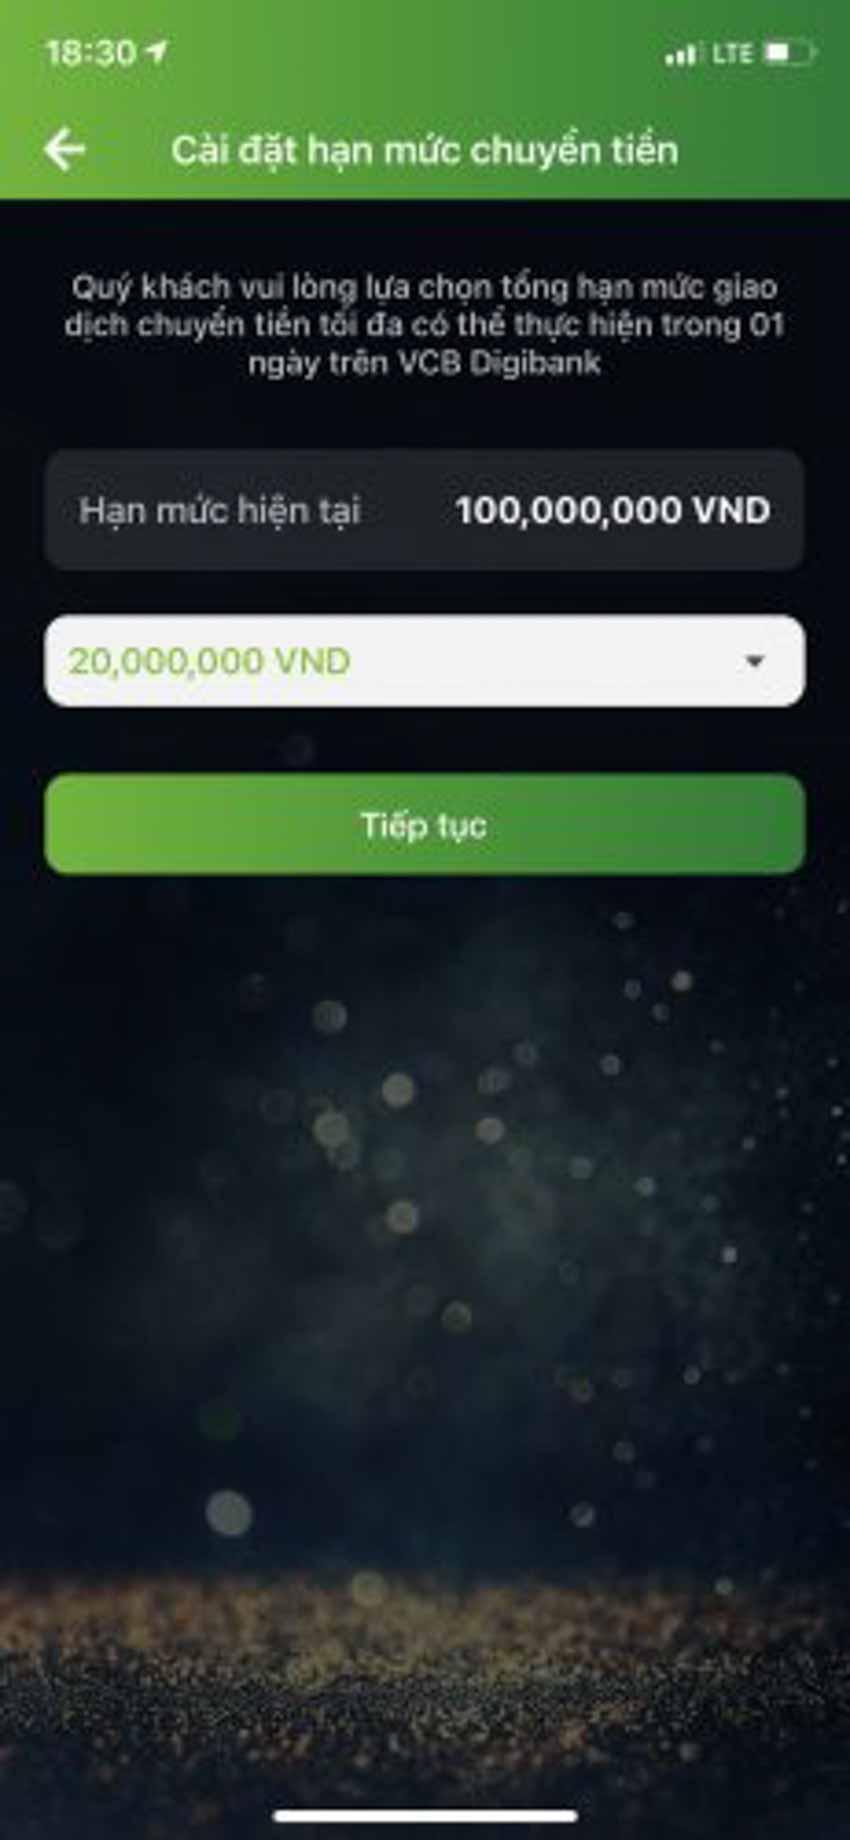 Hướng dẫn cách đổi hạn mức chuyển tiền Vietcombank - 3